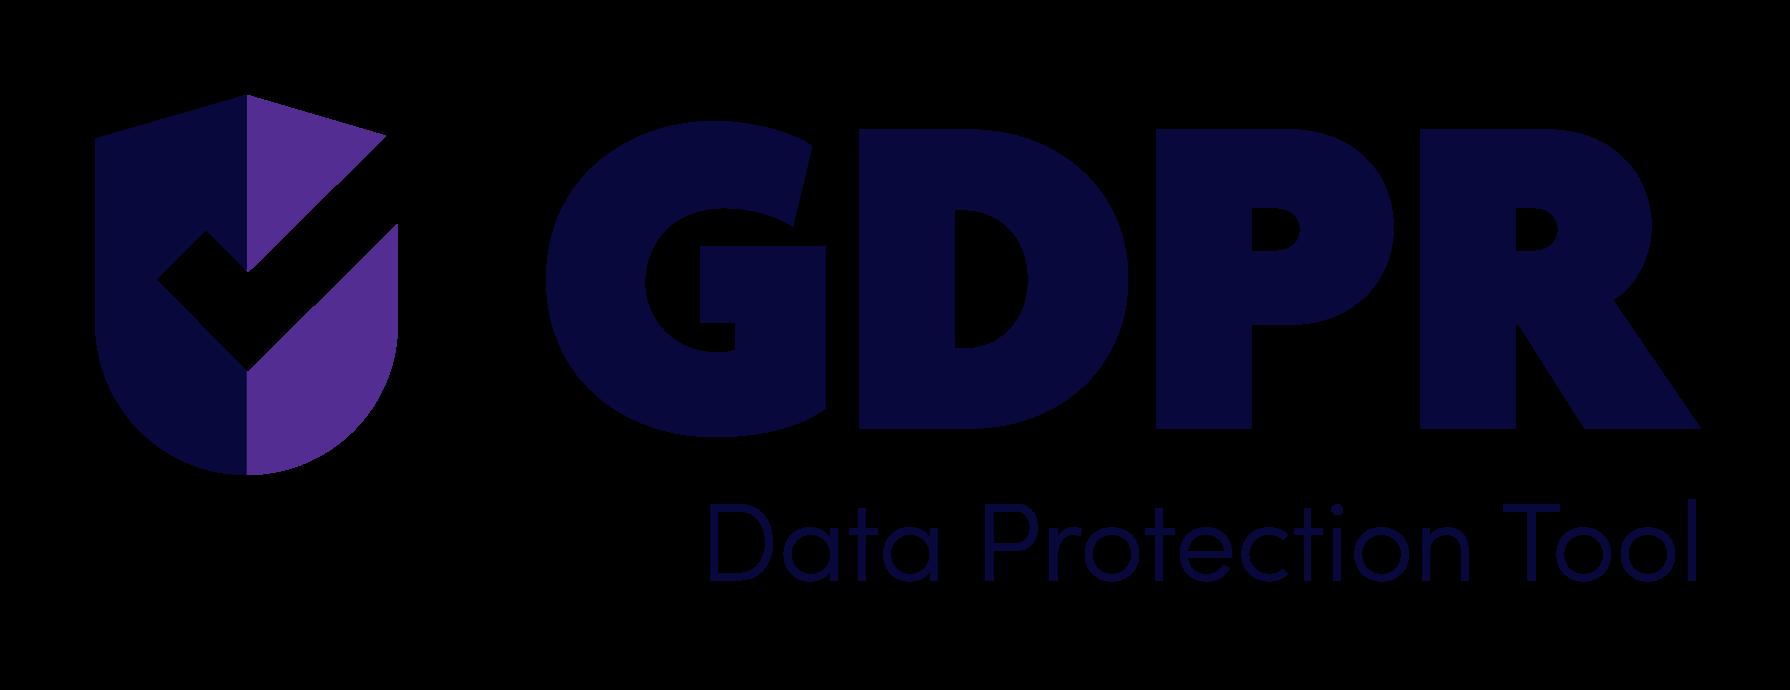 GDPR-RGB-02-1